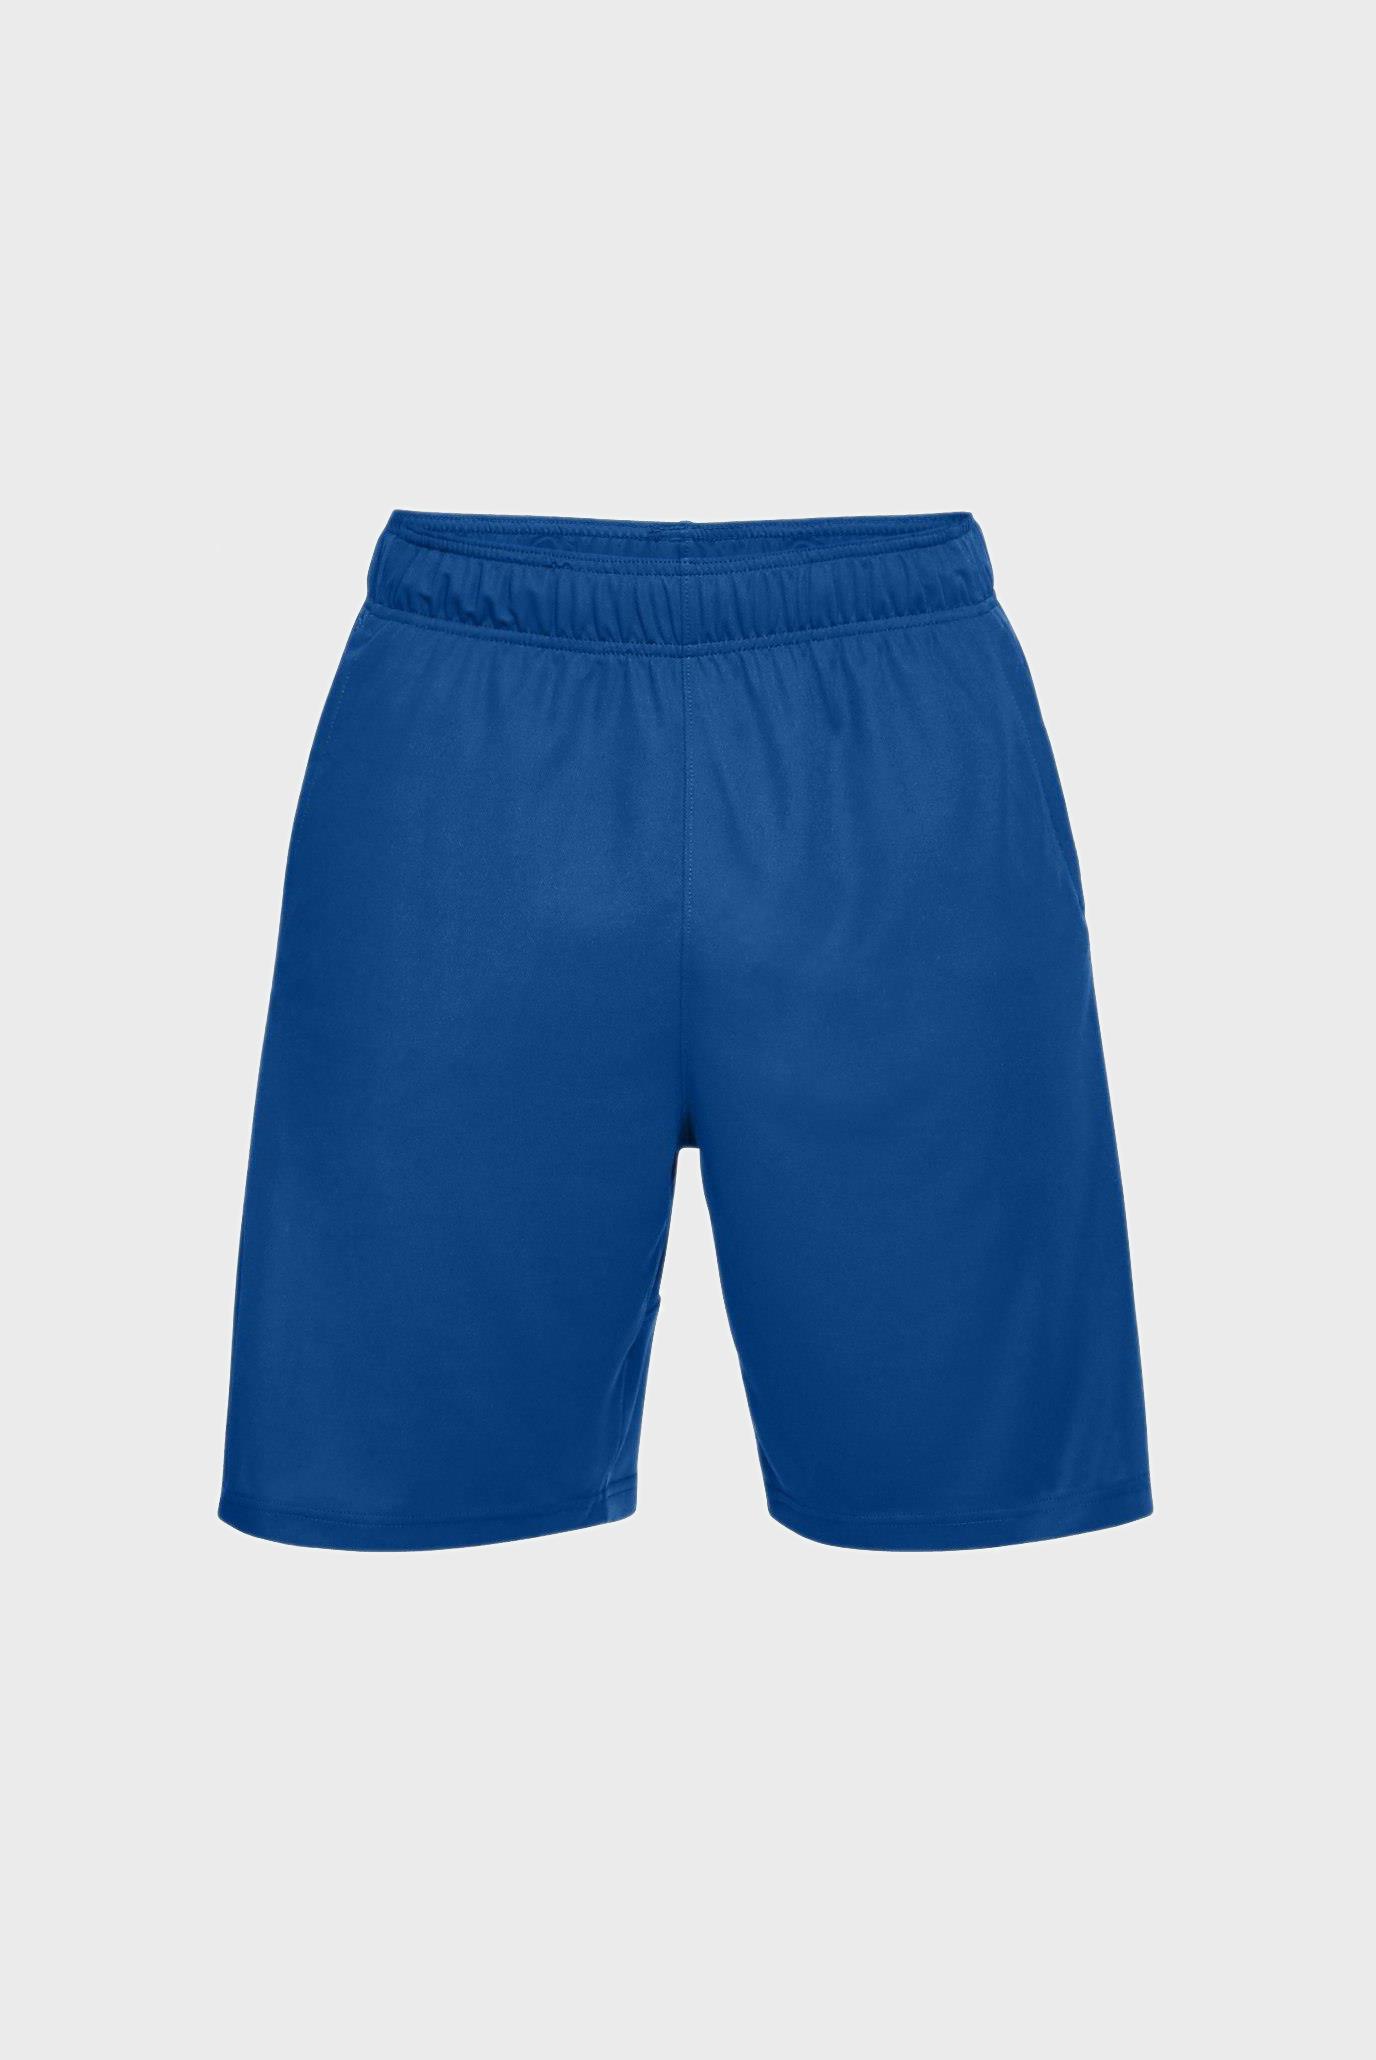 Купить Мужские синие шорты UA Select 9in Short Under Armour Under Armour 1305735-400 – Киев, Украина. Цены в интернет магазине MD Fashion